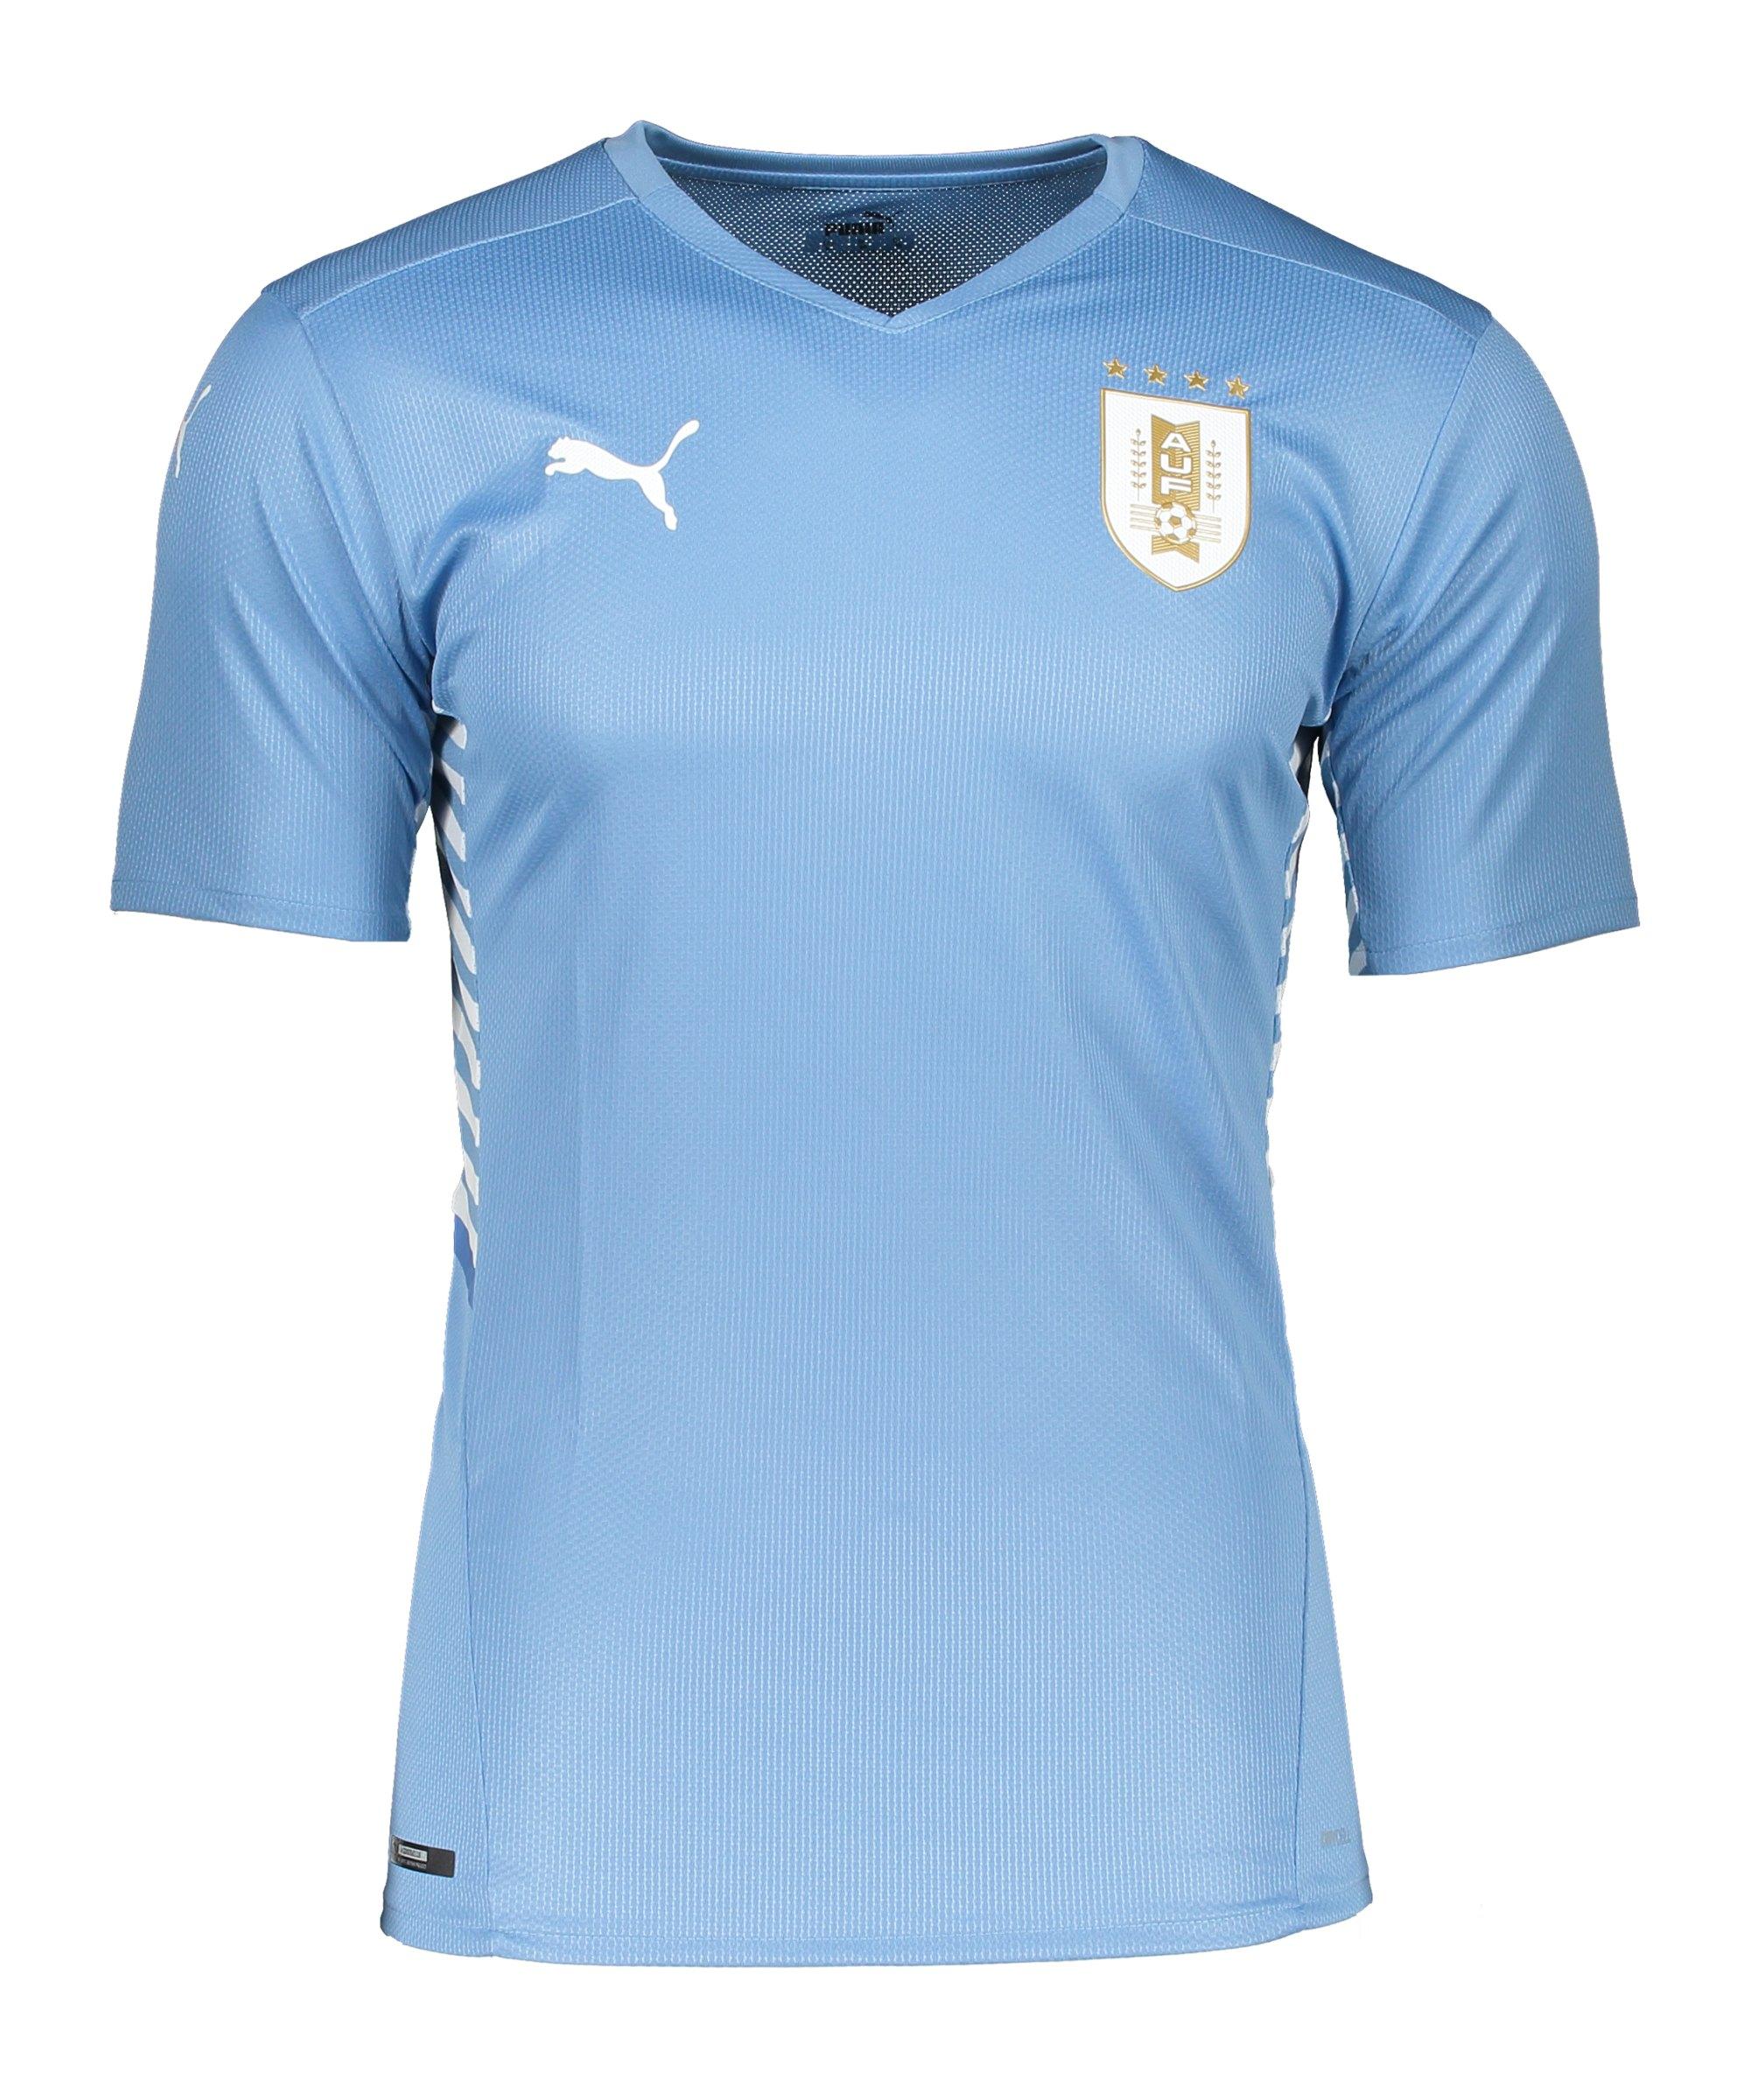 PUMA Uruguay Trikot Home Copa America 2021 Blau F01 - blau